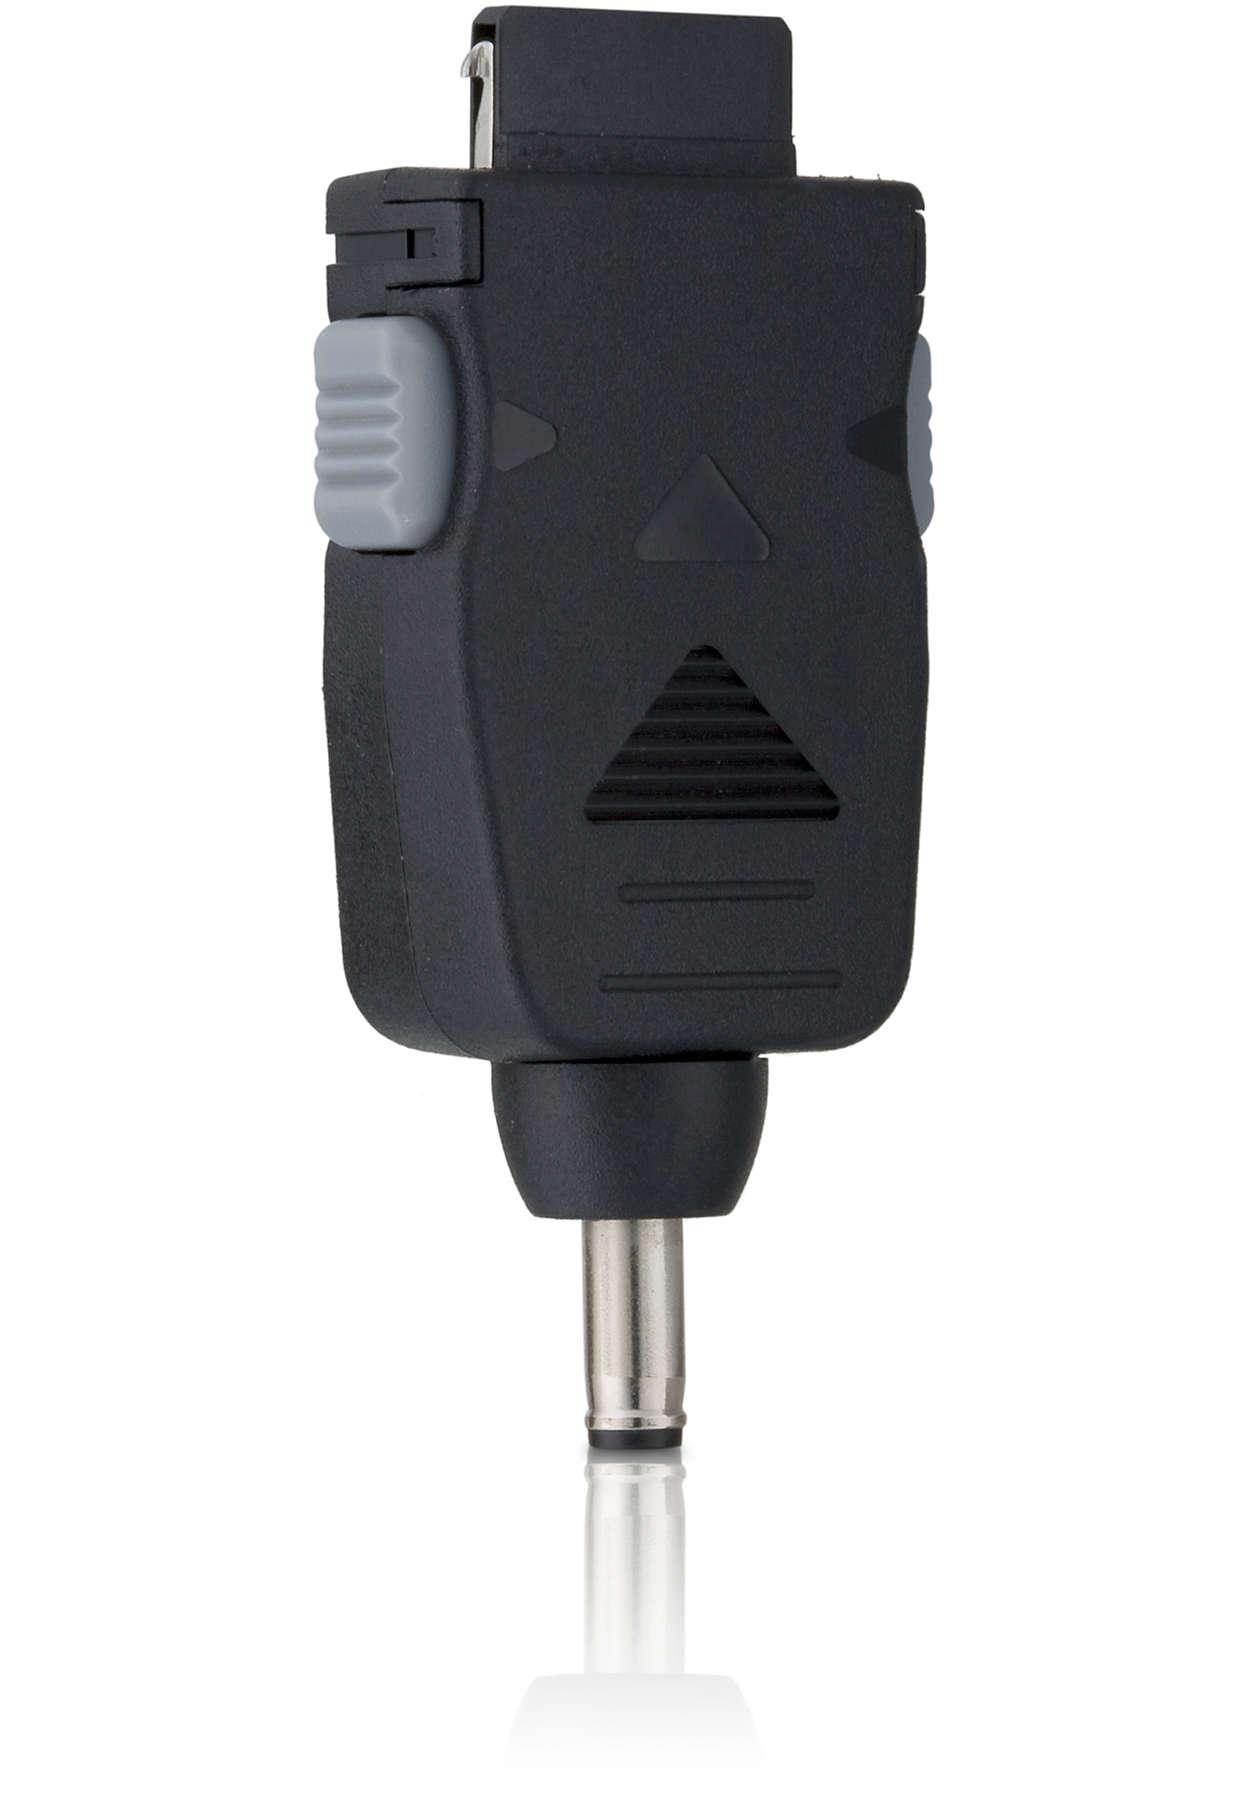 Anschlussstecker für HP IPAQ-PDAs